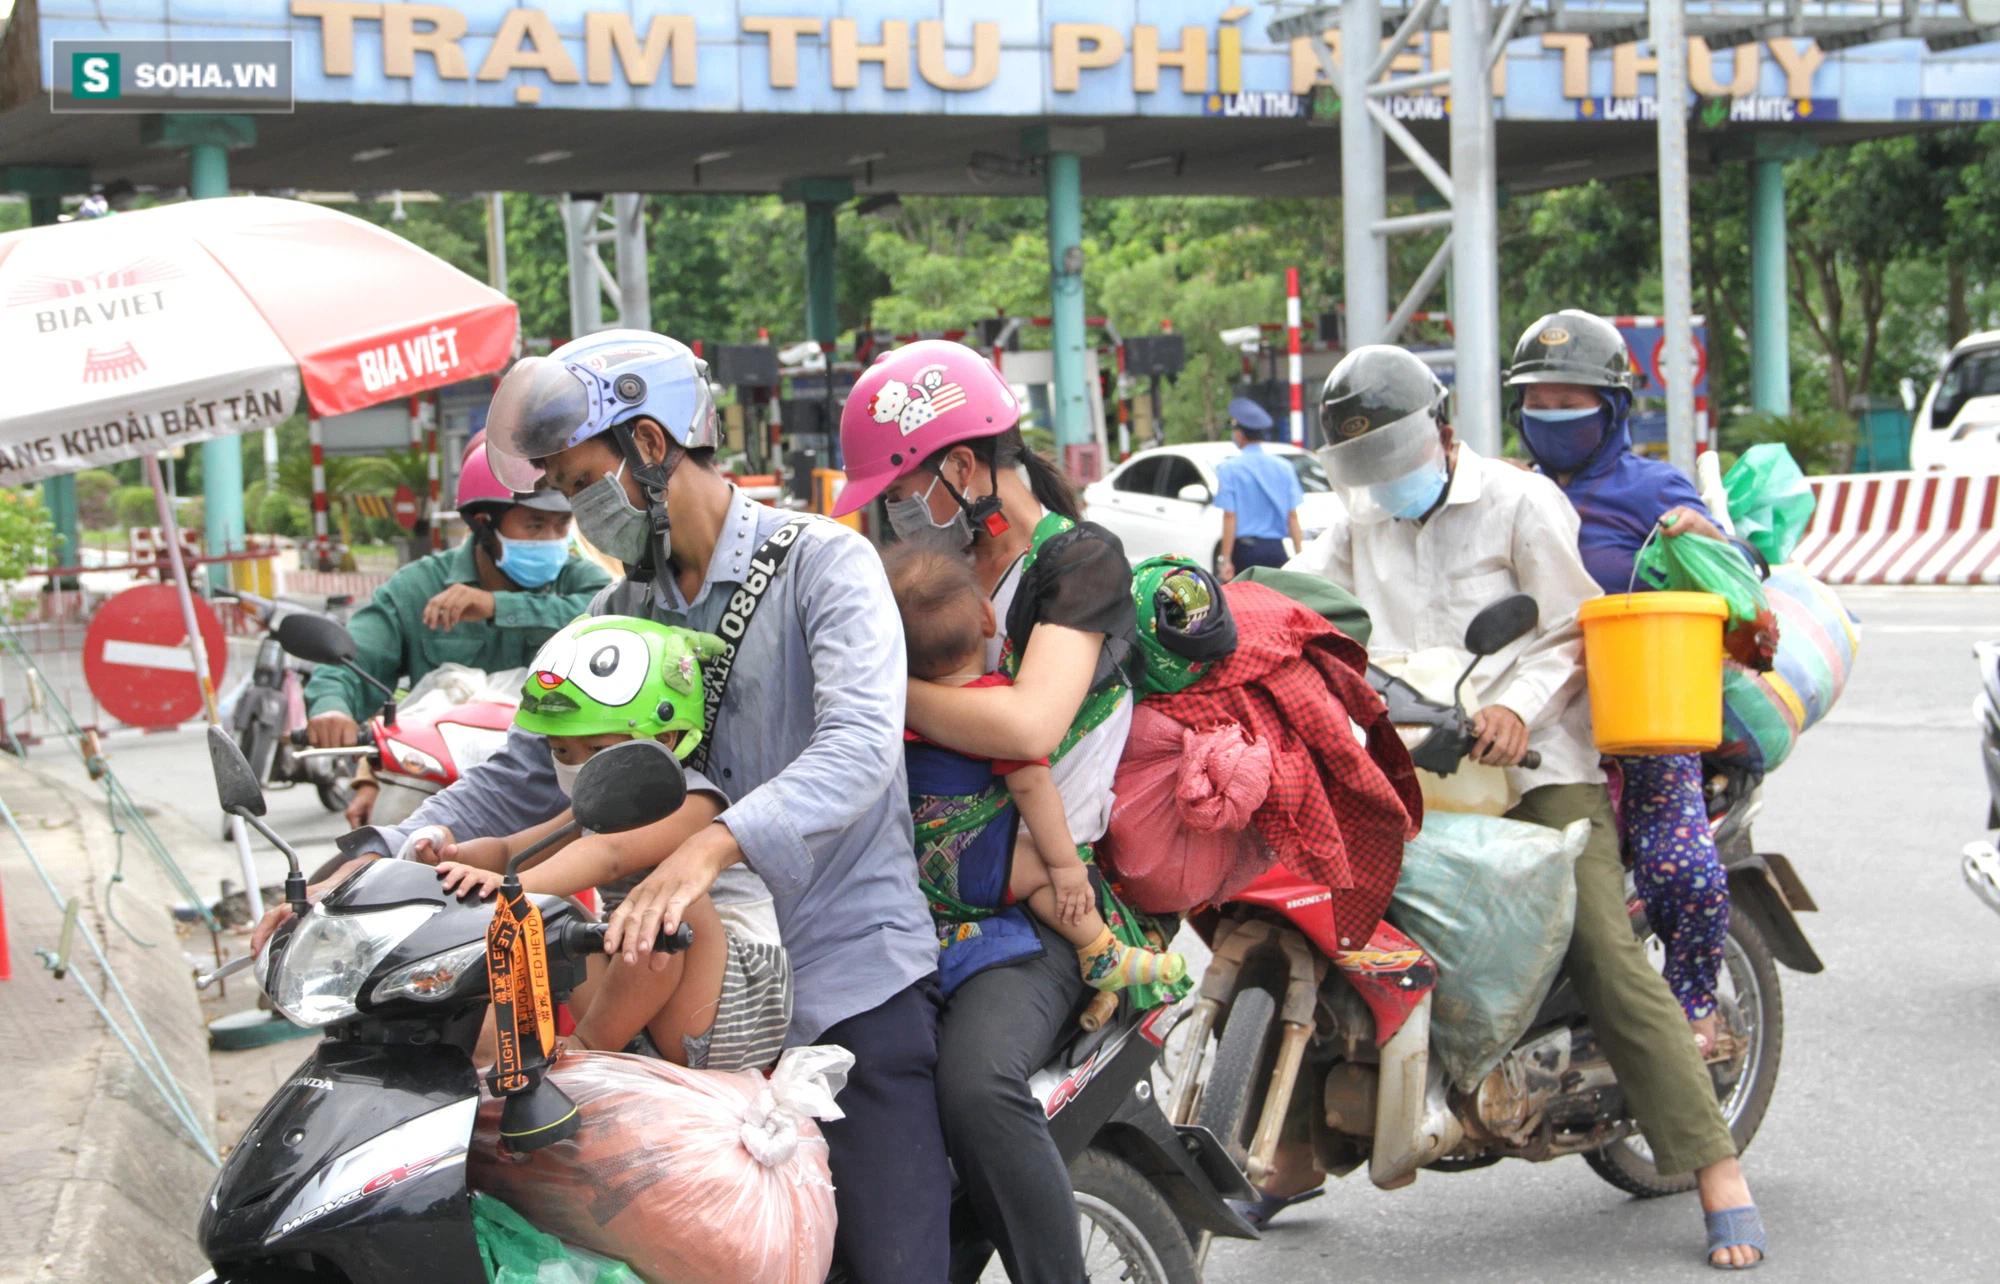 Chạy xe máy 4 ngày đêm từ miền Nam về quê trốn dịch: Lương cao nhưng dịch sợ quá nên em đưa vợ con về - Ảnh 1.